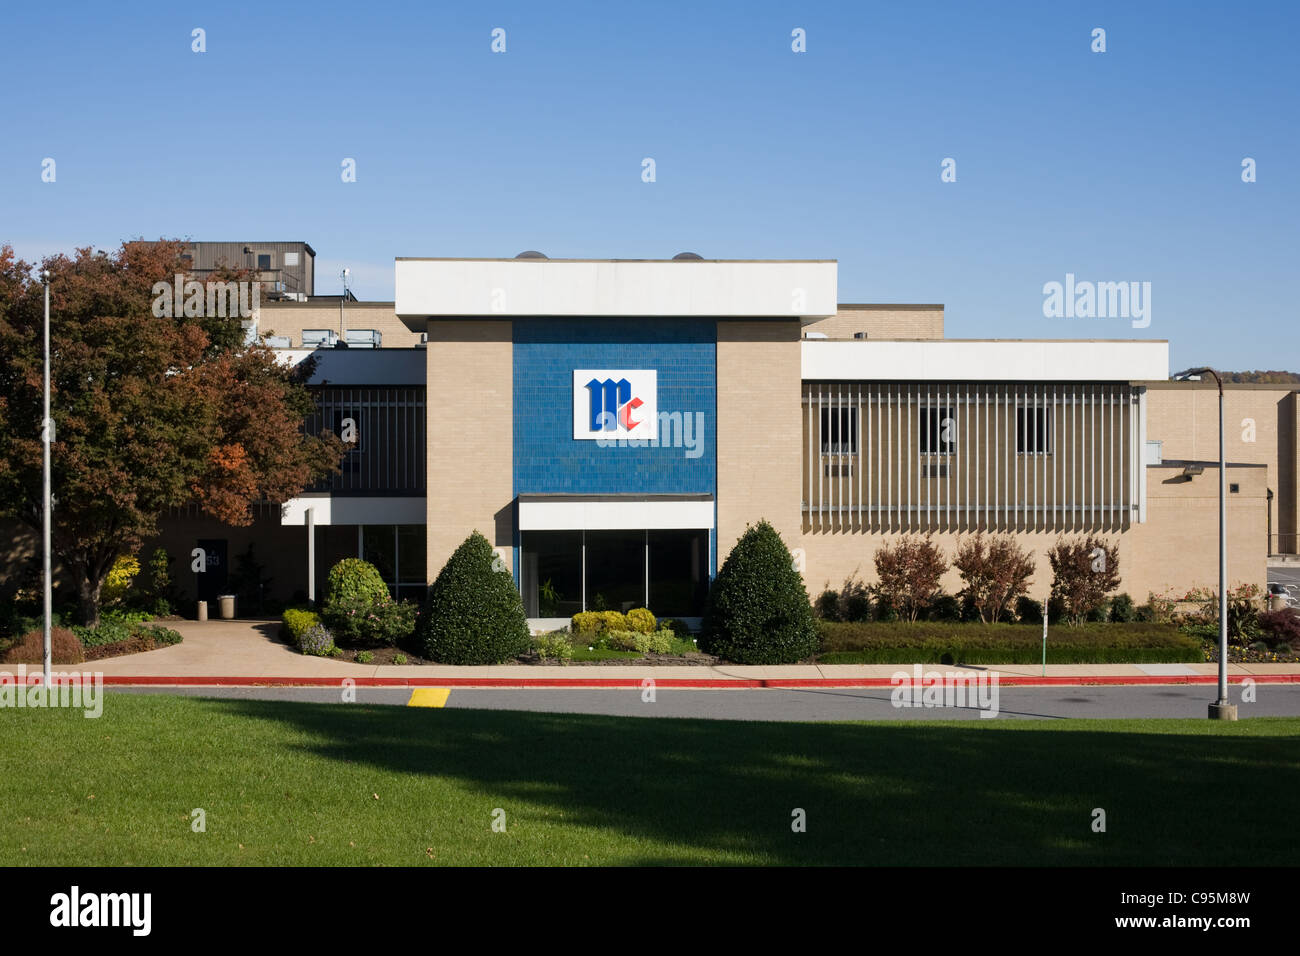 Le siège social de l'entreprise McCormick et de Division des produits de consommation, Hunt Valley, Maryland Banque D'Images